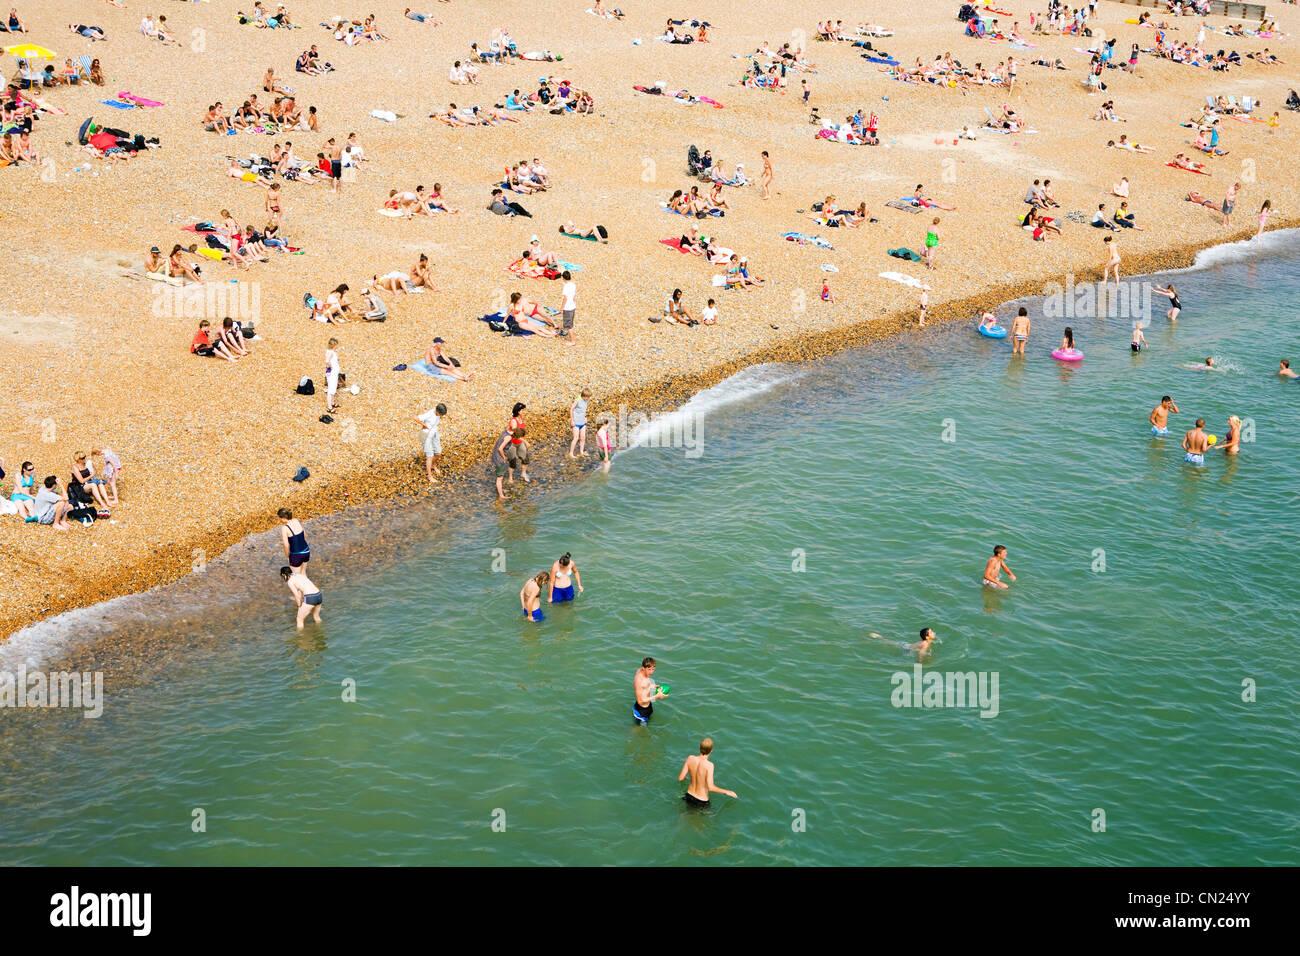 La gente sulla spiaggia affollata, Brighton, Inghilterra Immagini Stock